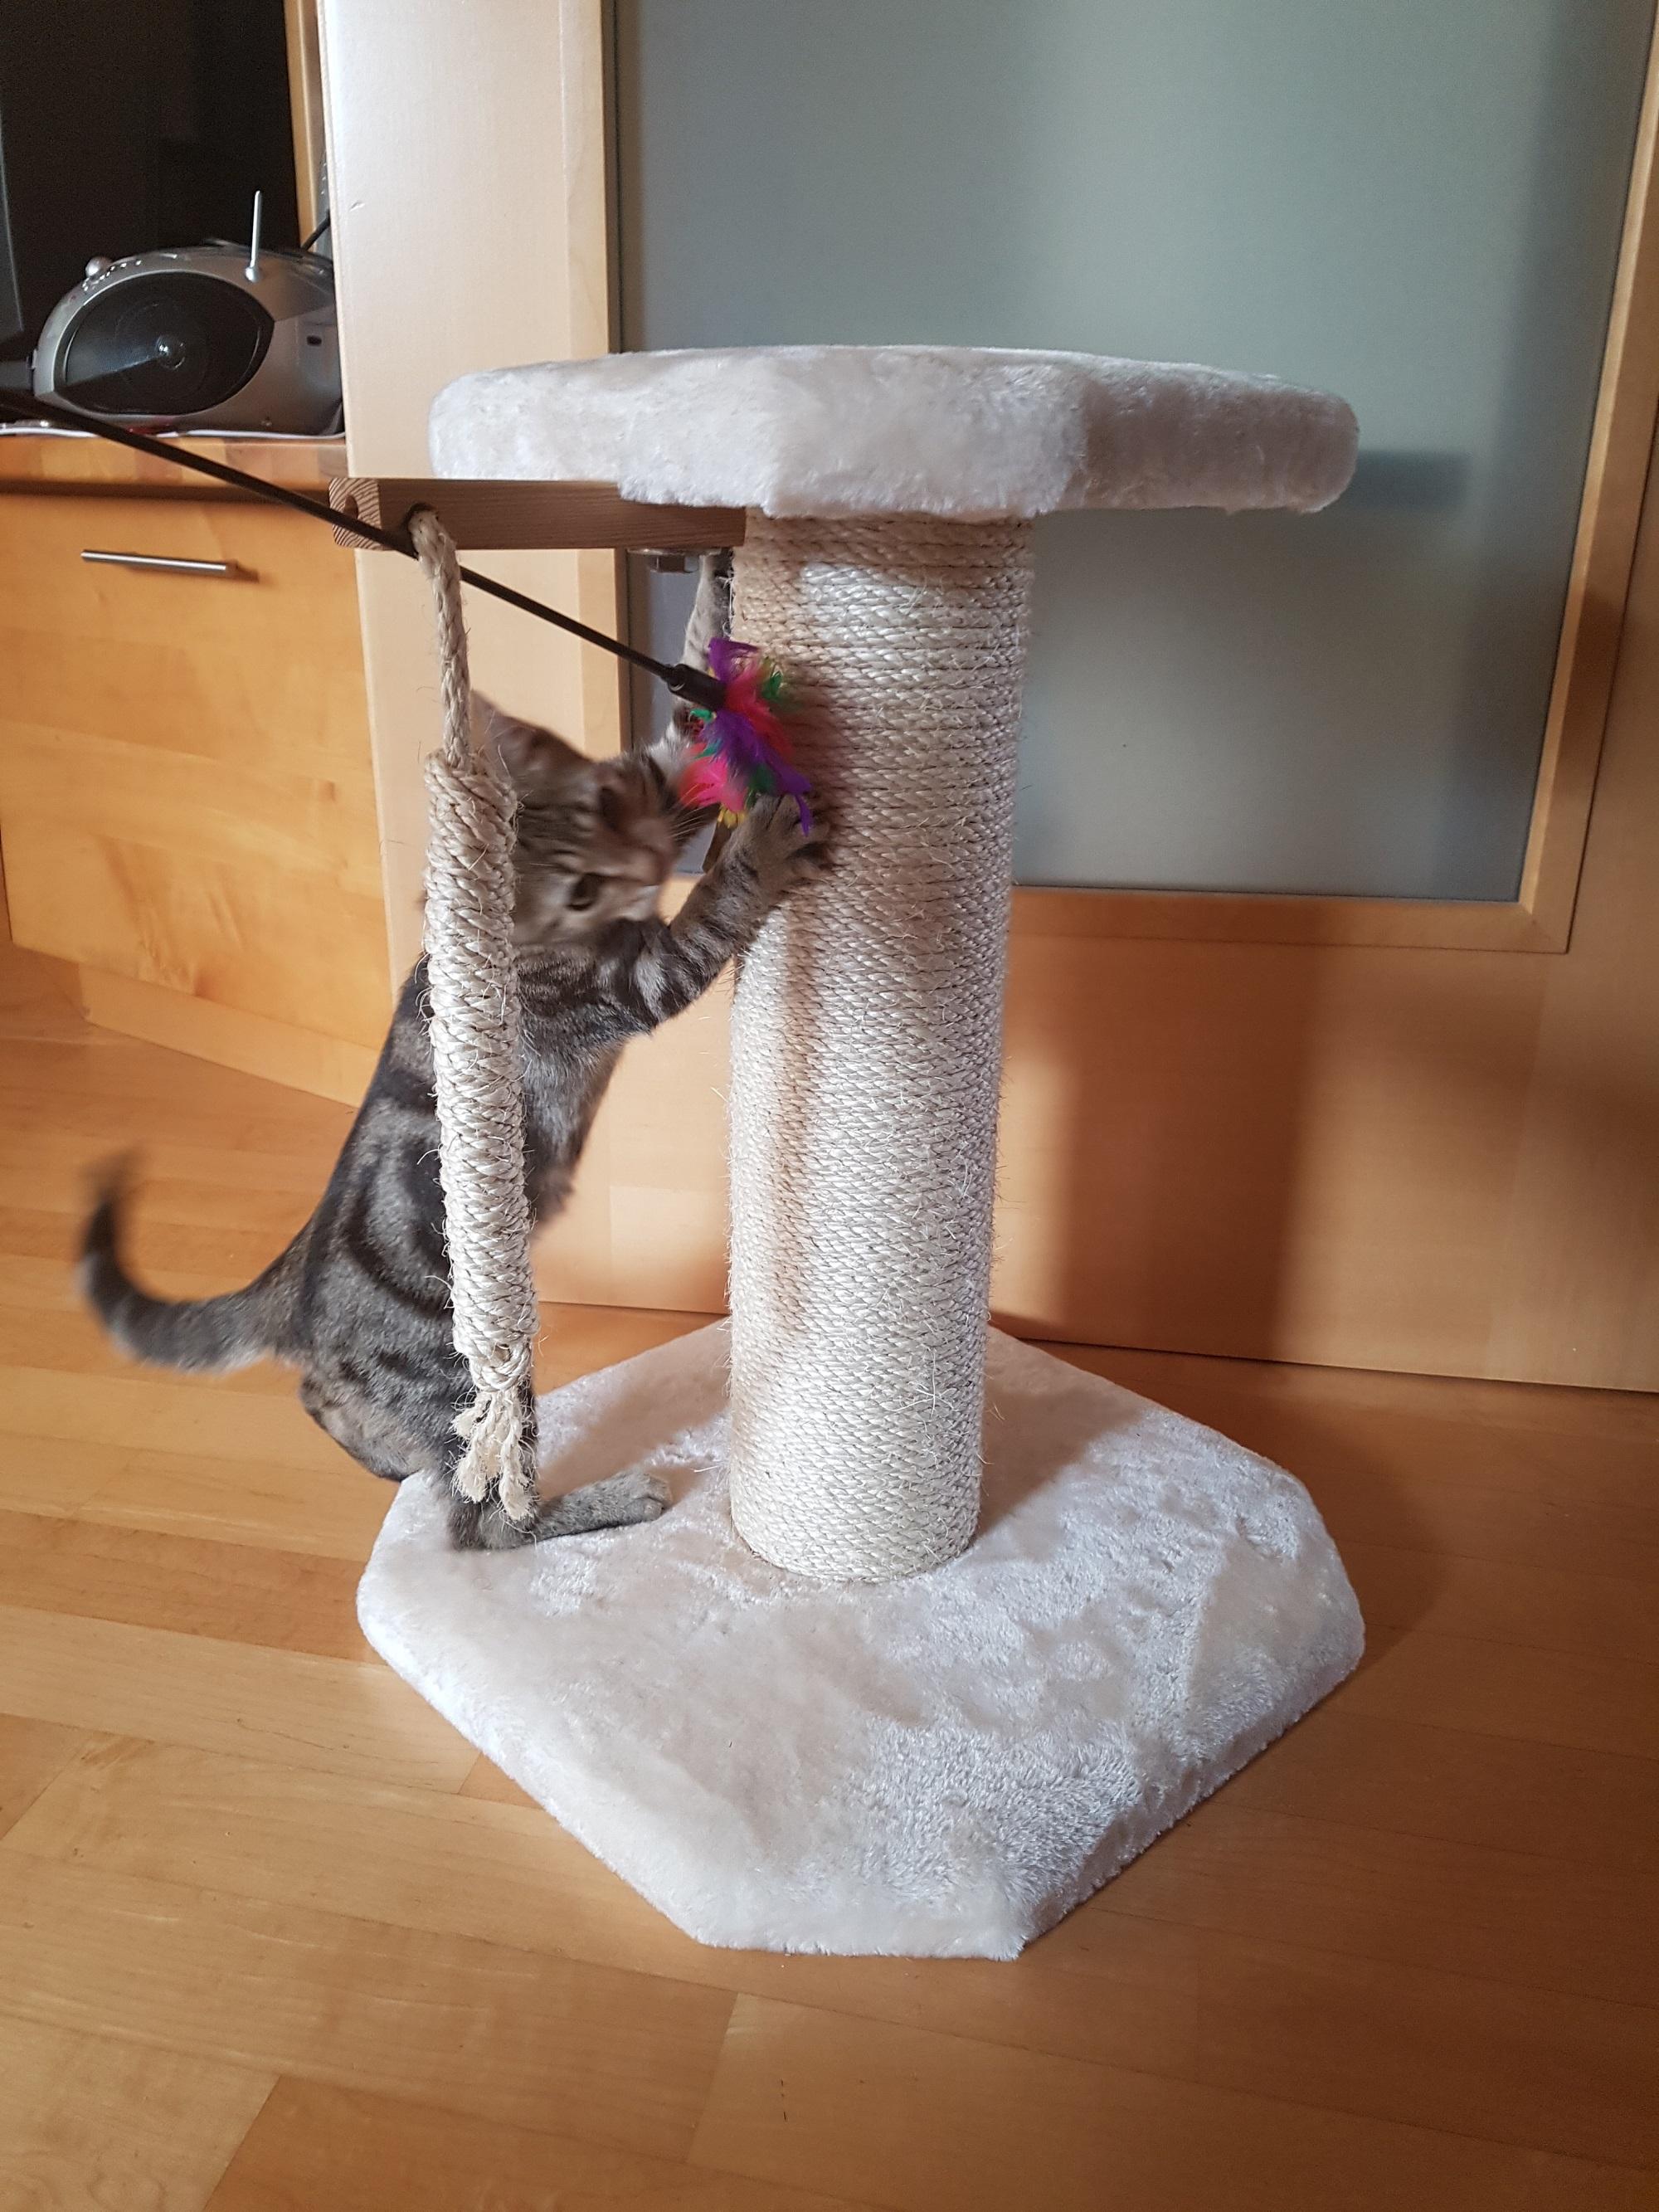 naturkratzbaum f r kitten individuelle sonderanfertigung kratzbaum f r kitten. Black Bedroom Furniture Sets. Home Design Ideas